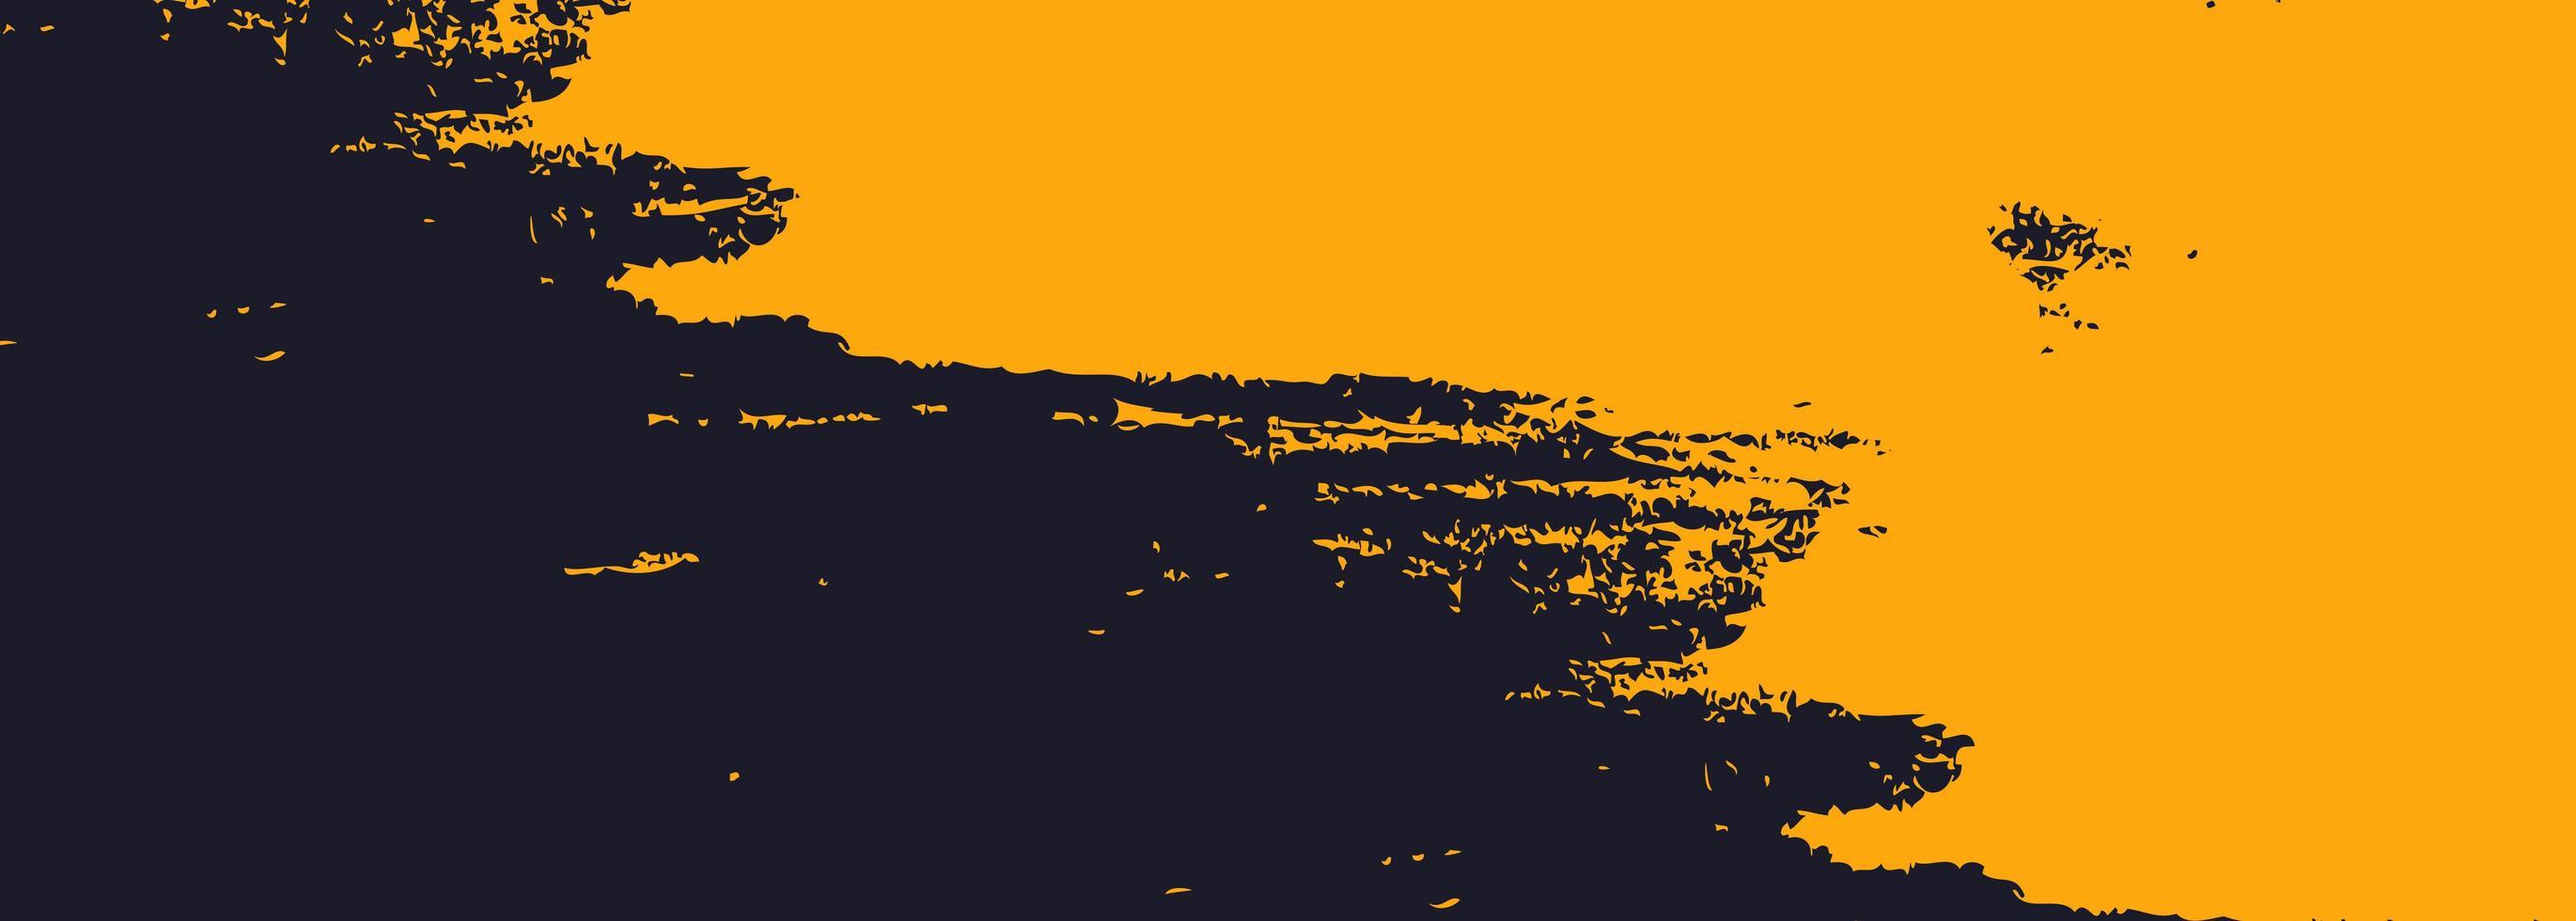 abstrakter orange und schwarzer Aquarellfahnenentwurf vektor